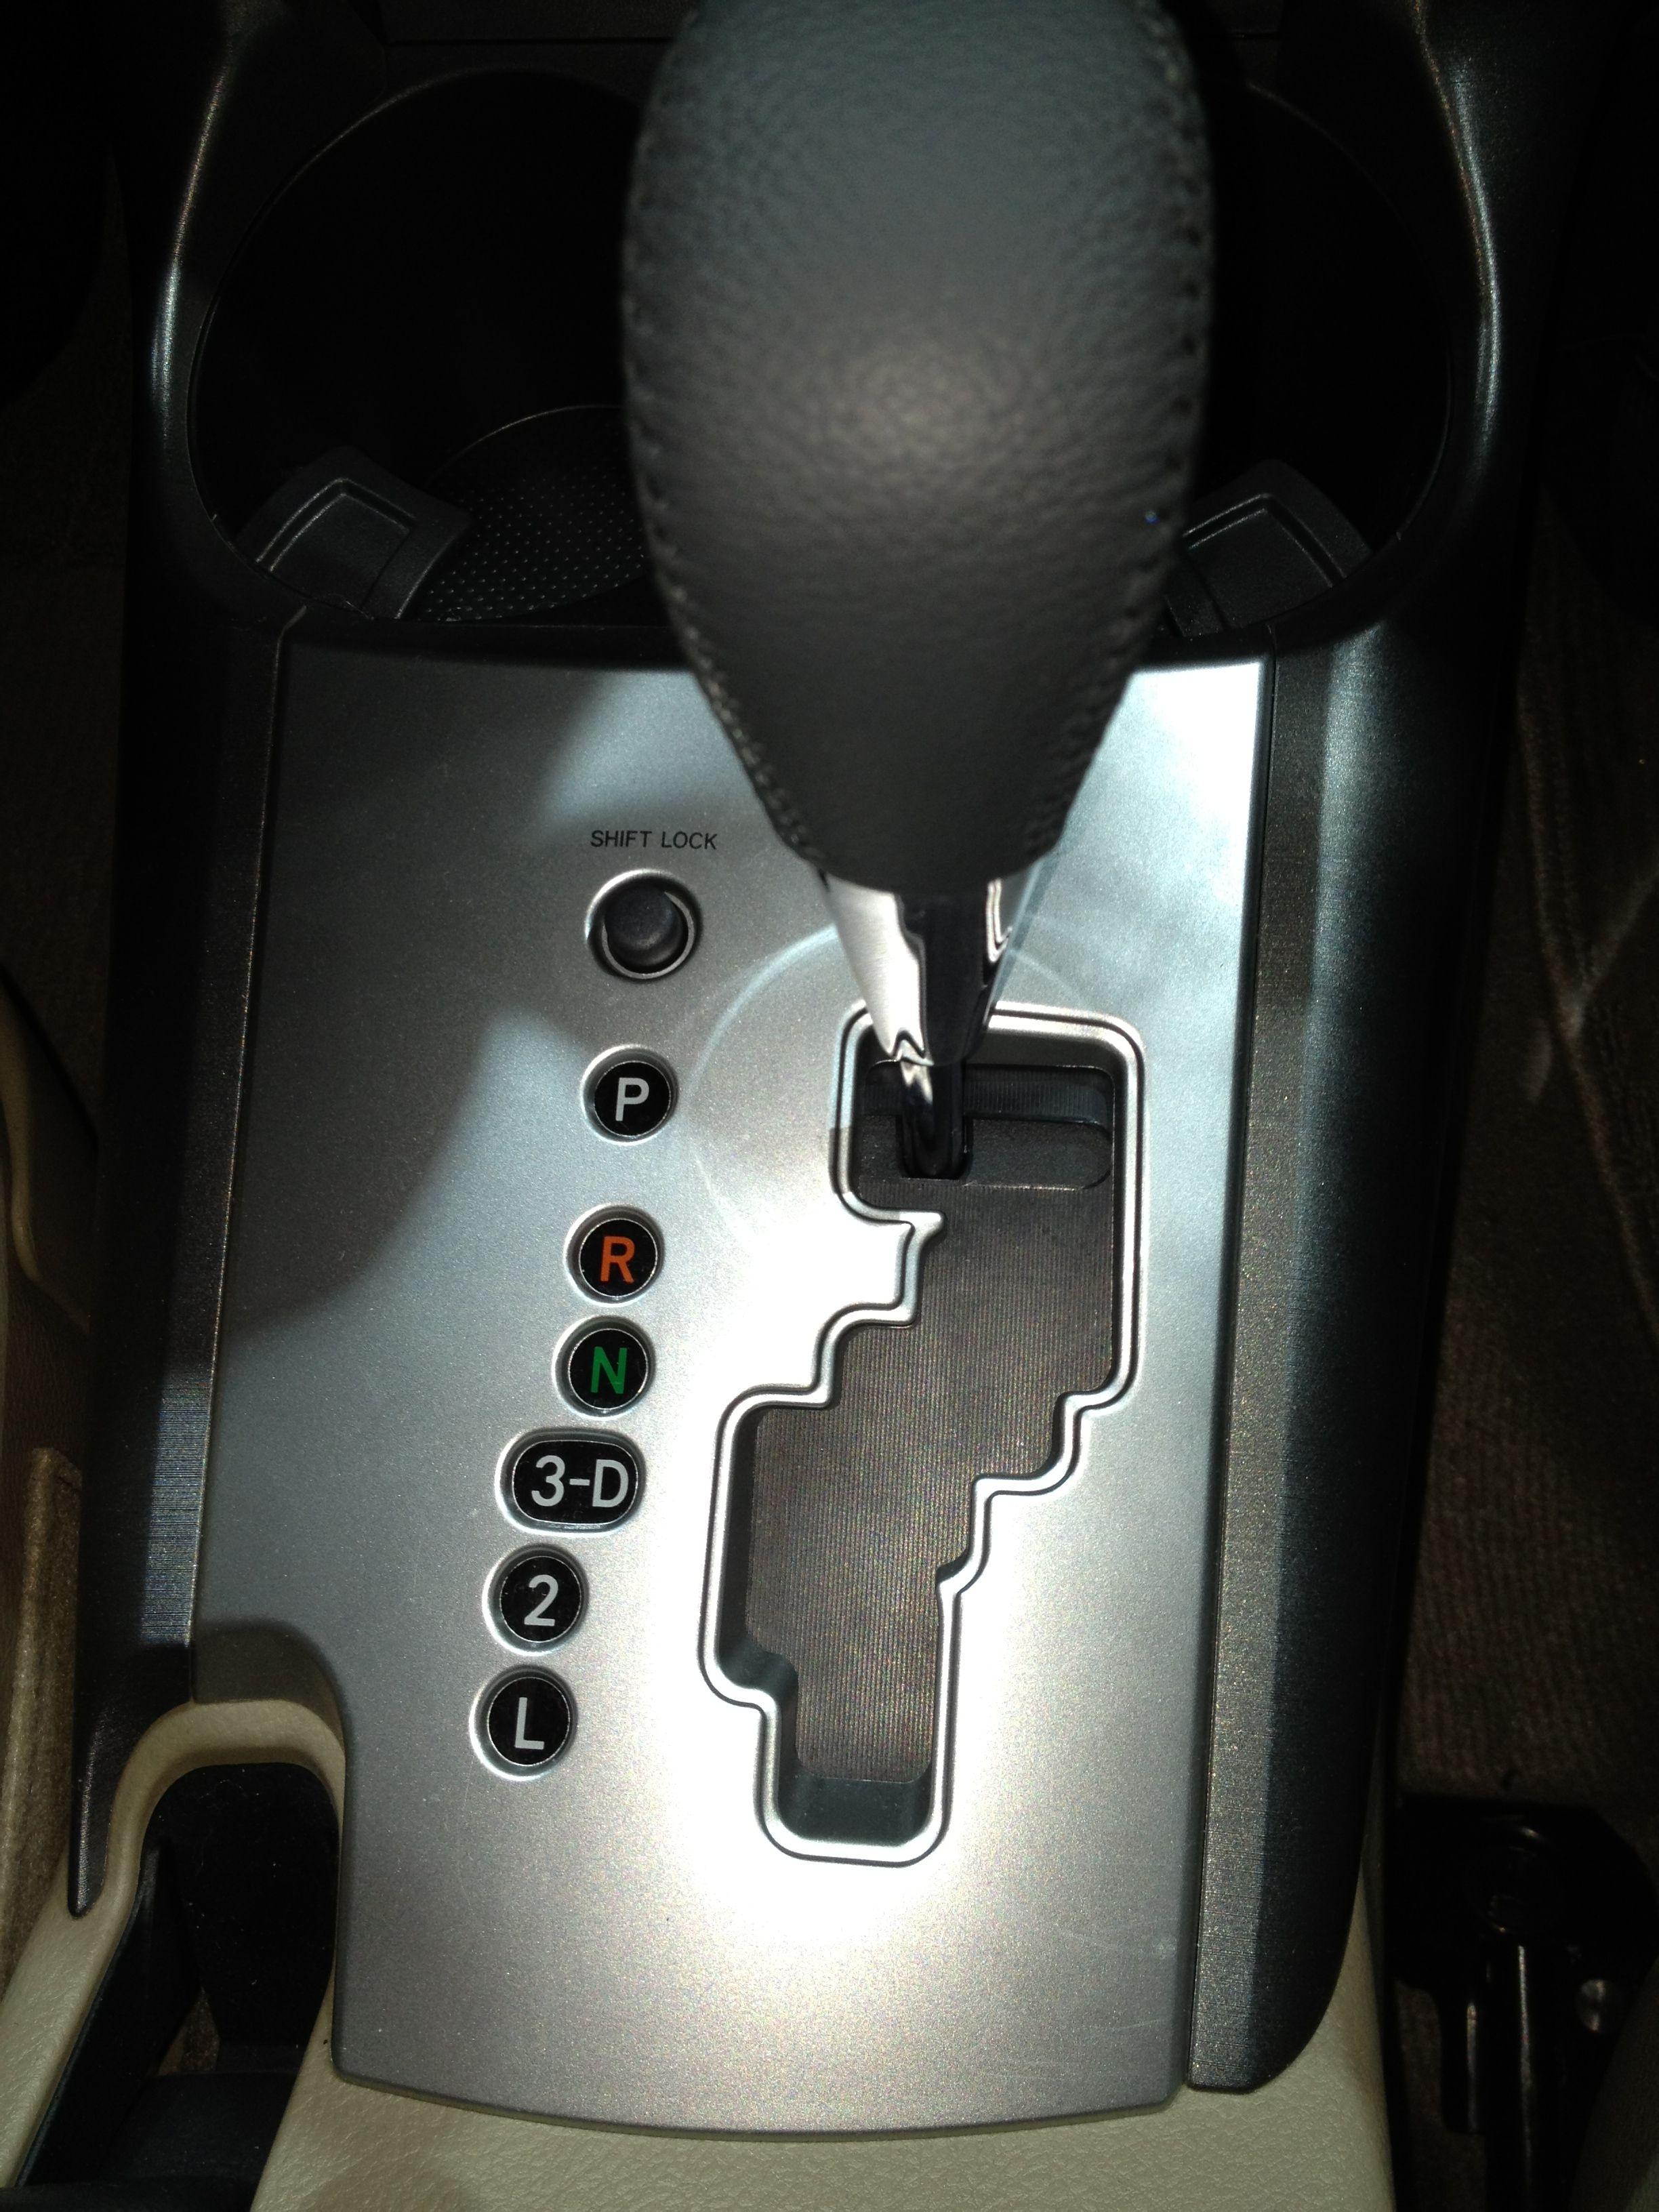 怎样知道汽车变速器是手动还是自动档的?